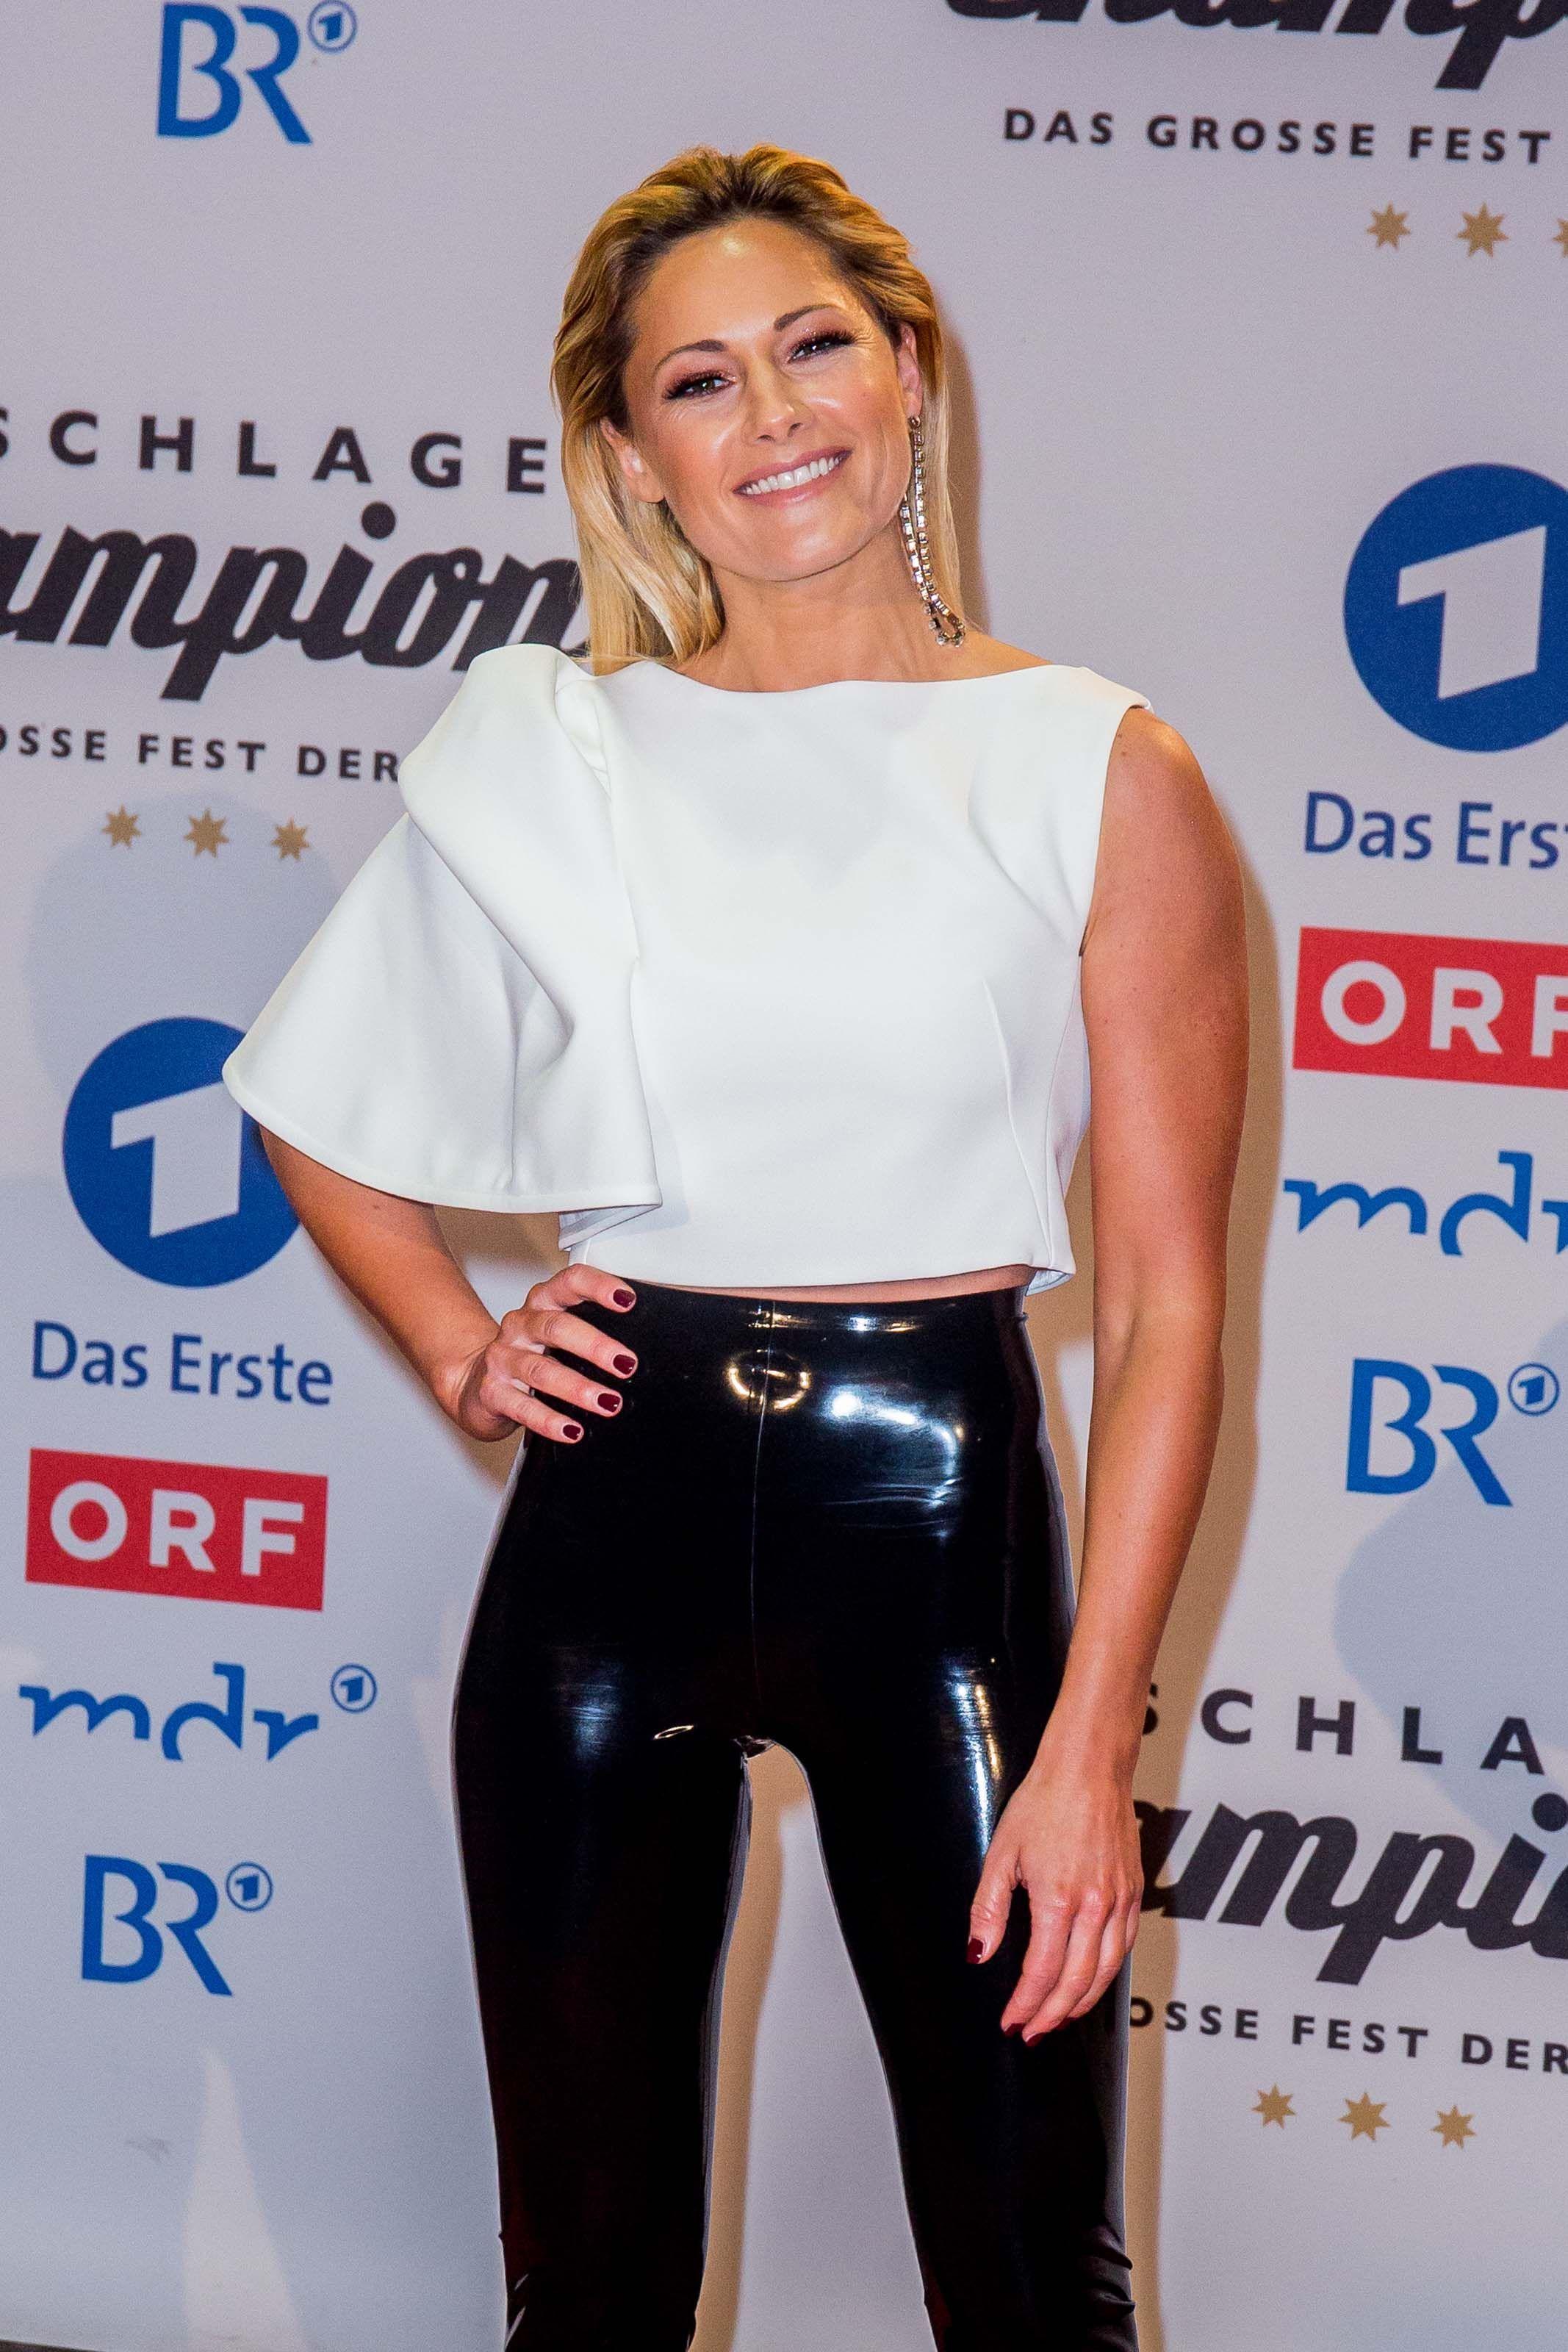 Photo of Helene Fischer deltar på Schlagerchampions-Den store festen